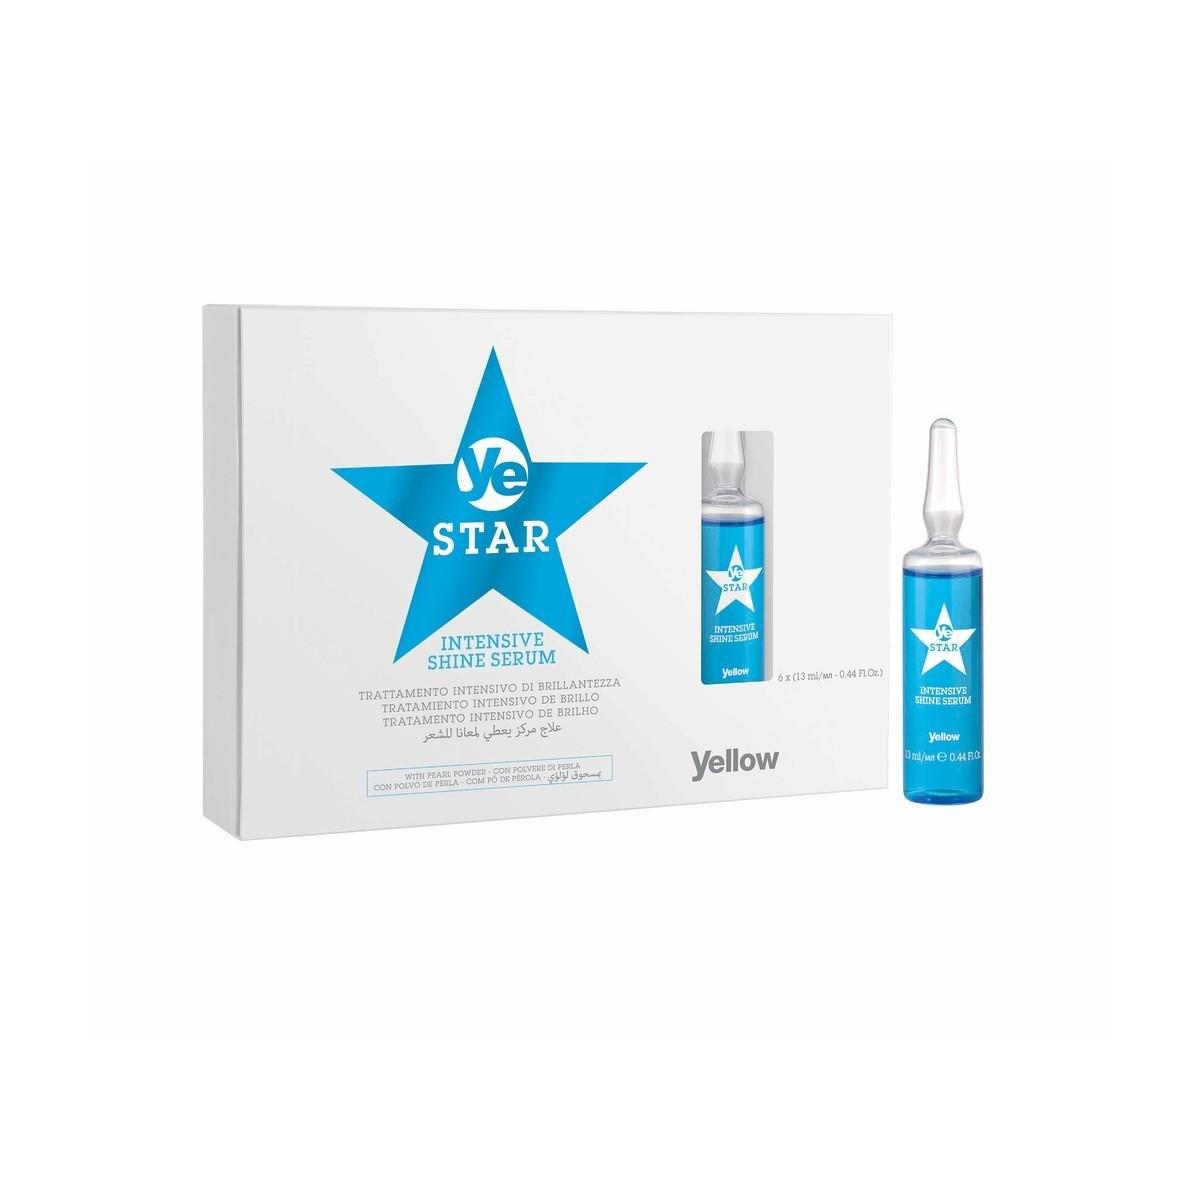 Yellow Ye Star Intensive Shine Serum 6x13ml